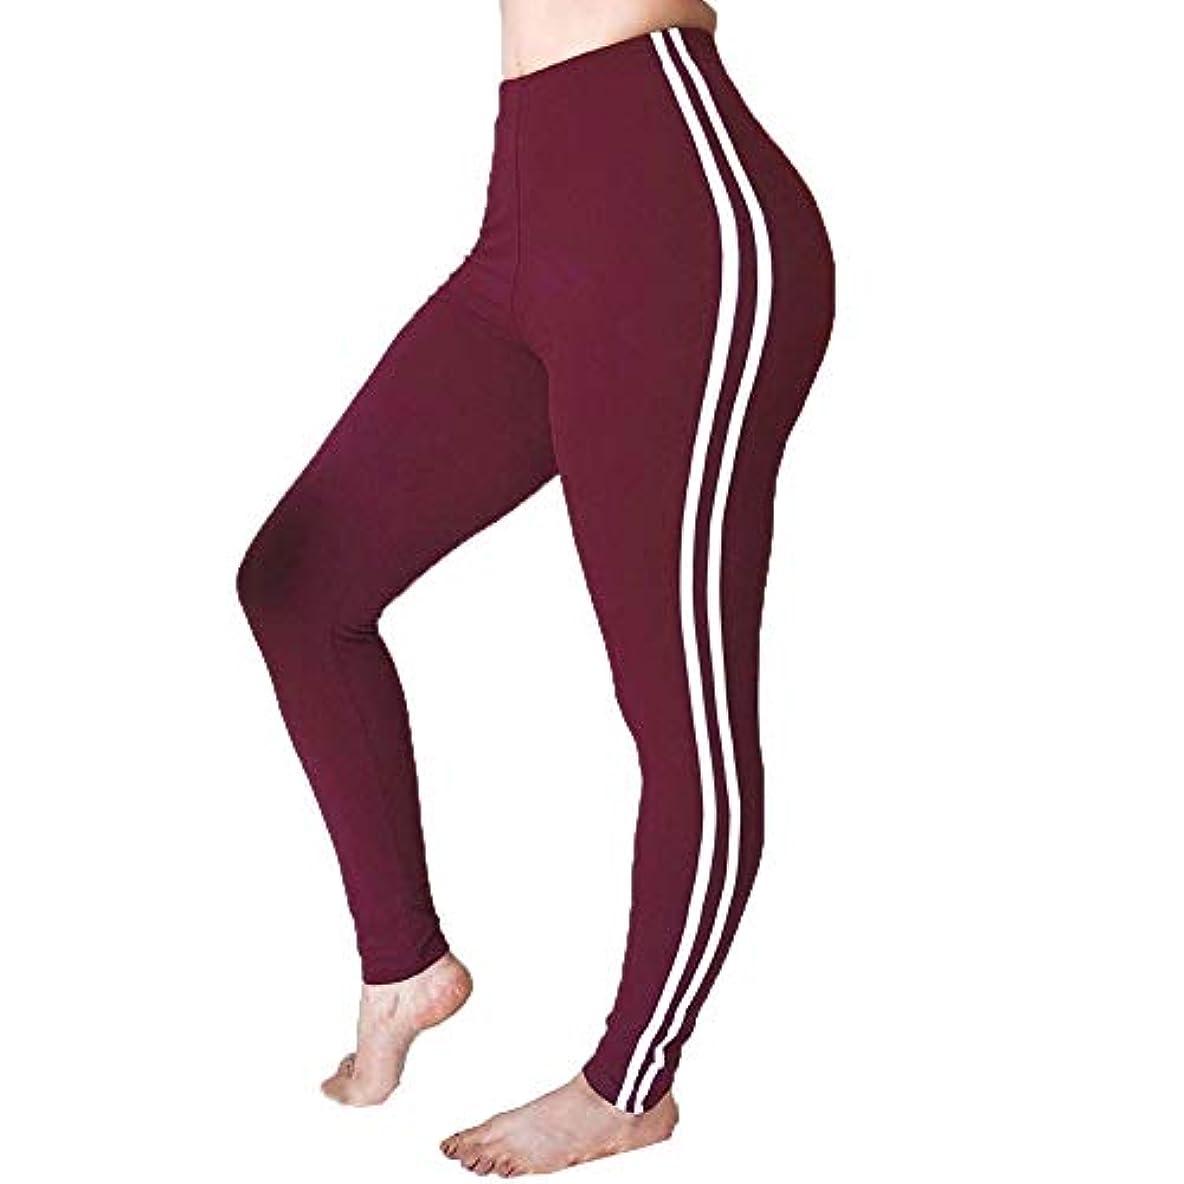 選択くつろぐ実際にMIFAN 女性パンツ、ロングパンツ、ハイウエストパンツ、スポーツパンツ、スキニーパンツ、ヨガパンツ、